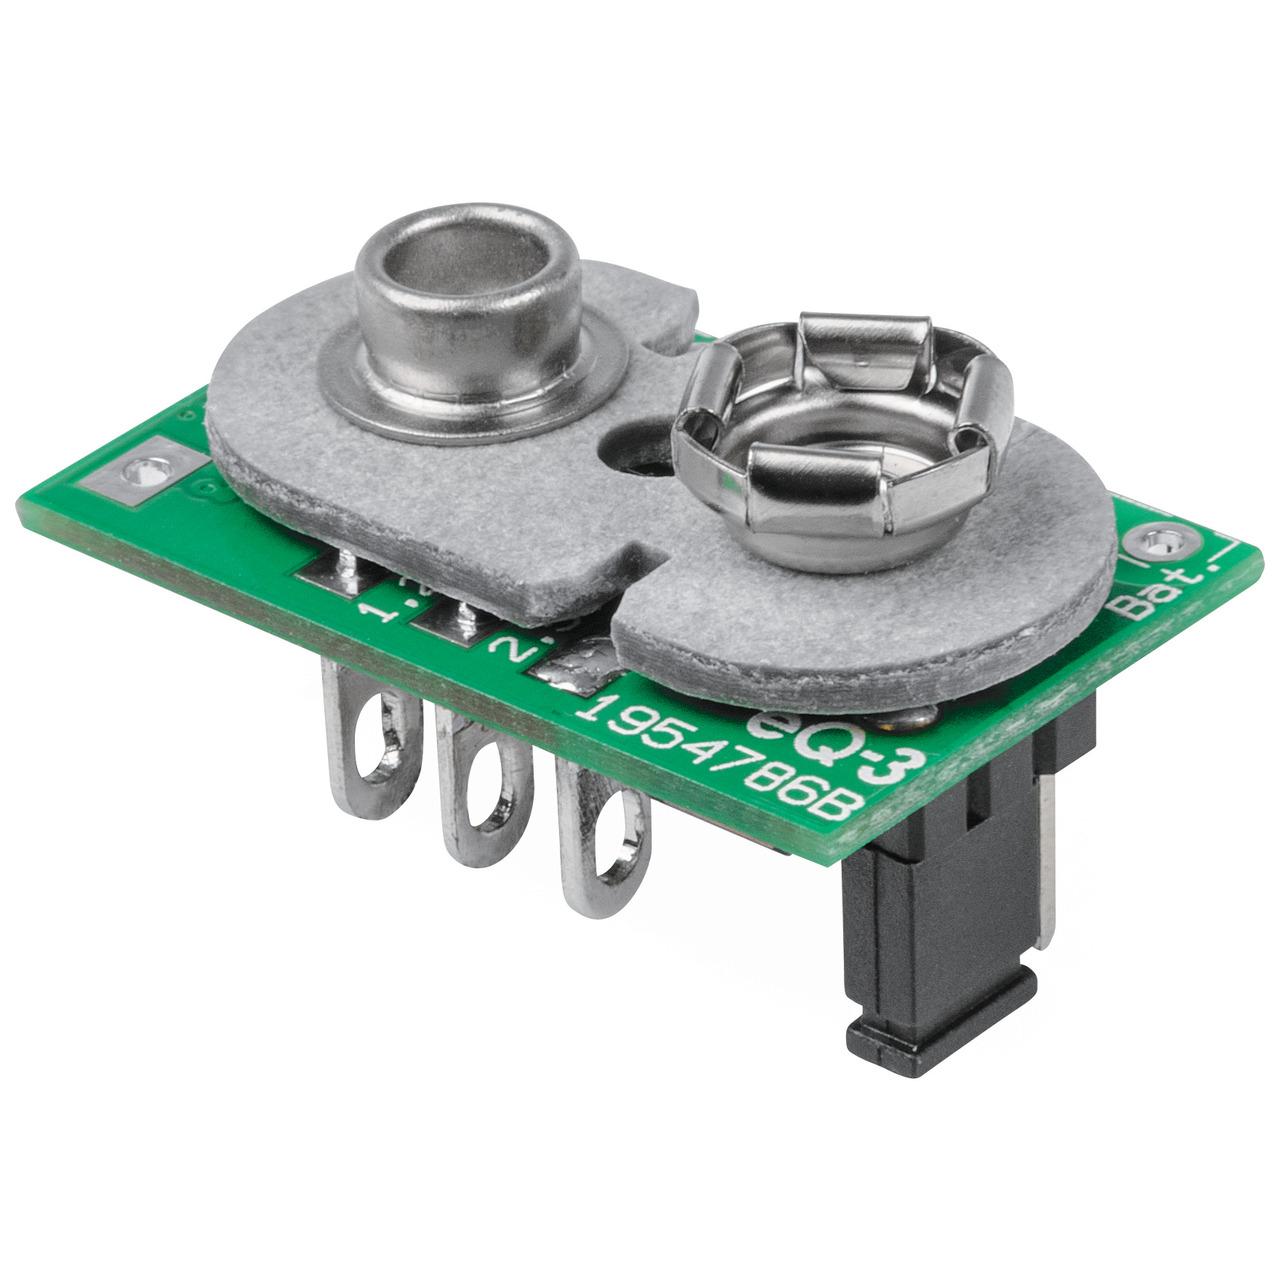 ELV Bausatz Prund-228 zisions-Spannungsreferenz PSR25